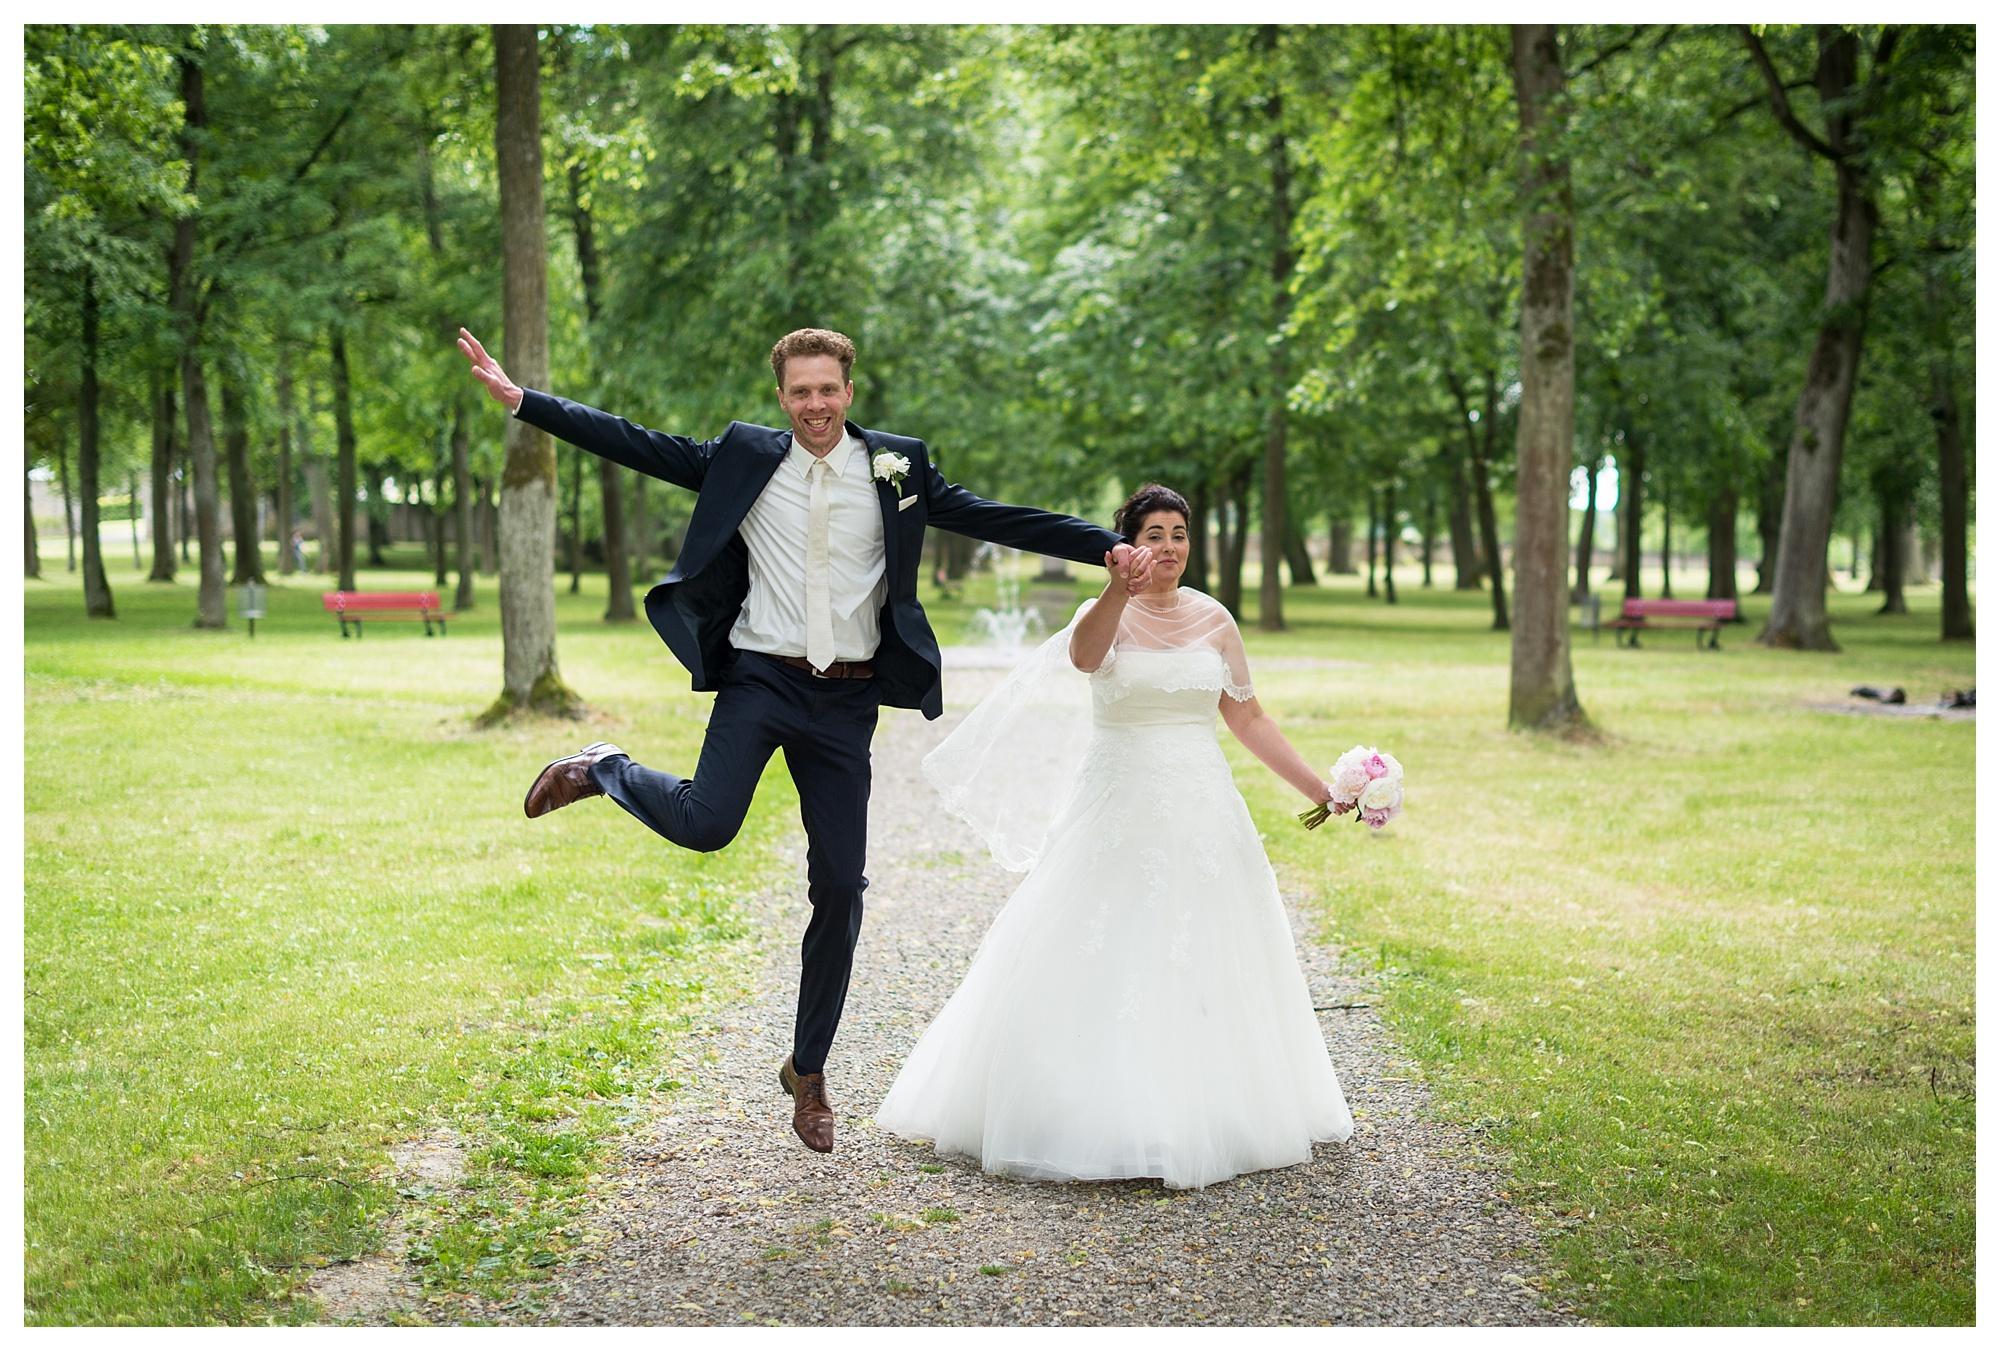 Fotograf Konstanz - Hochzeit Tanja Elmar Elmar Feuerbacher Photography Konstanz Messkirch Highlights 072 - Hochzeitsreportage von Tanja und Elmar im Schloss Meßkirch  - 174 -